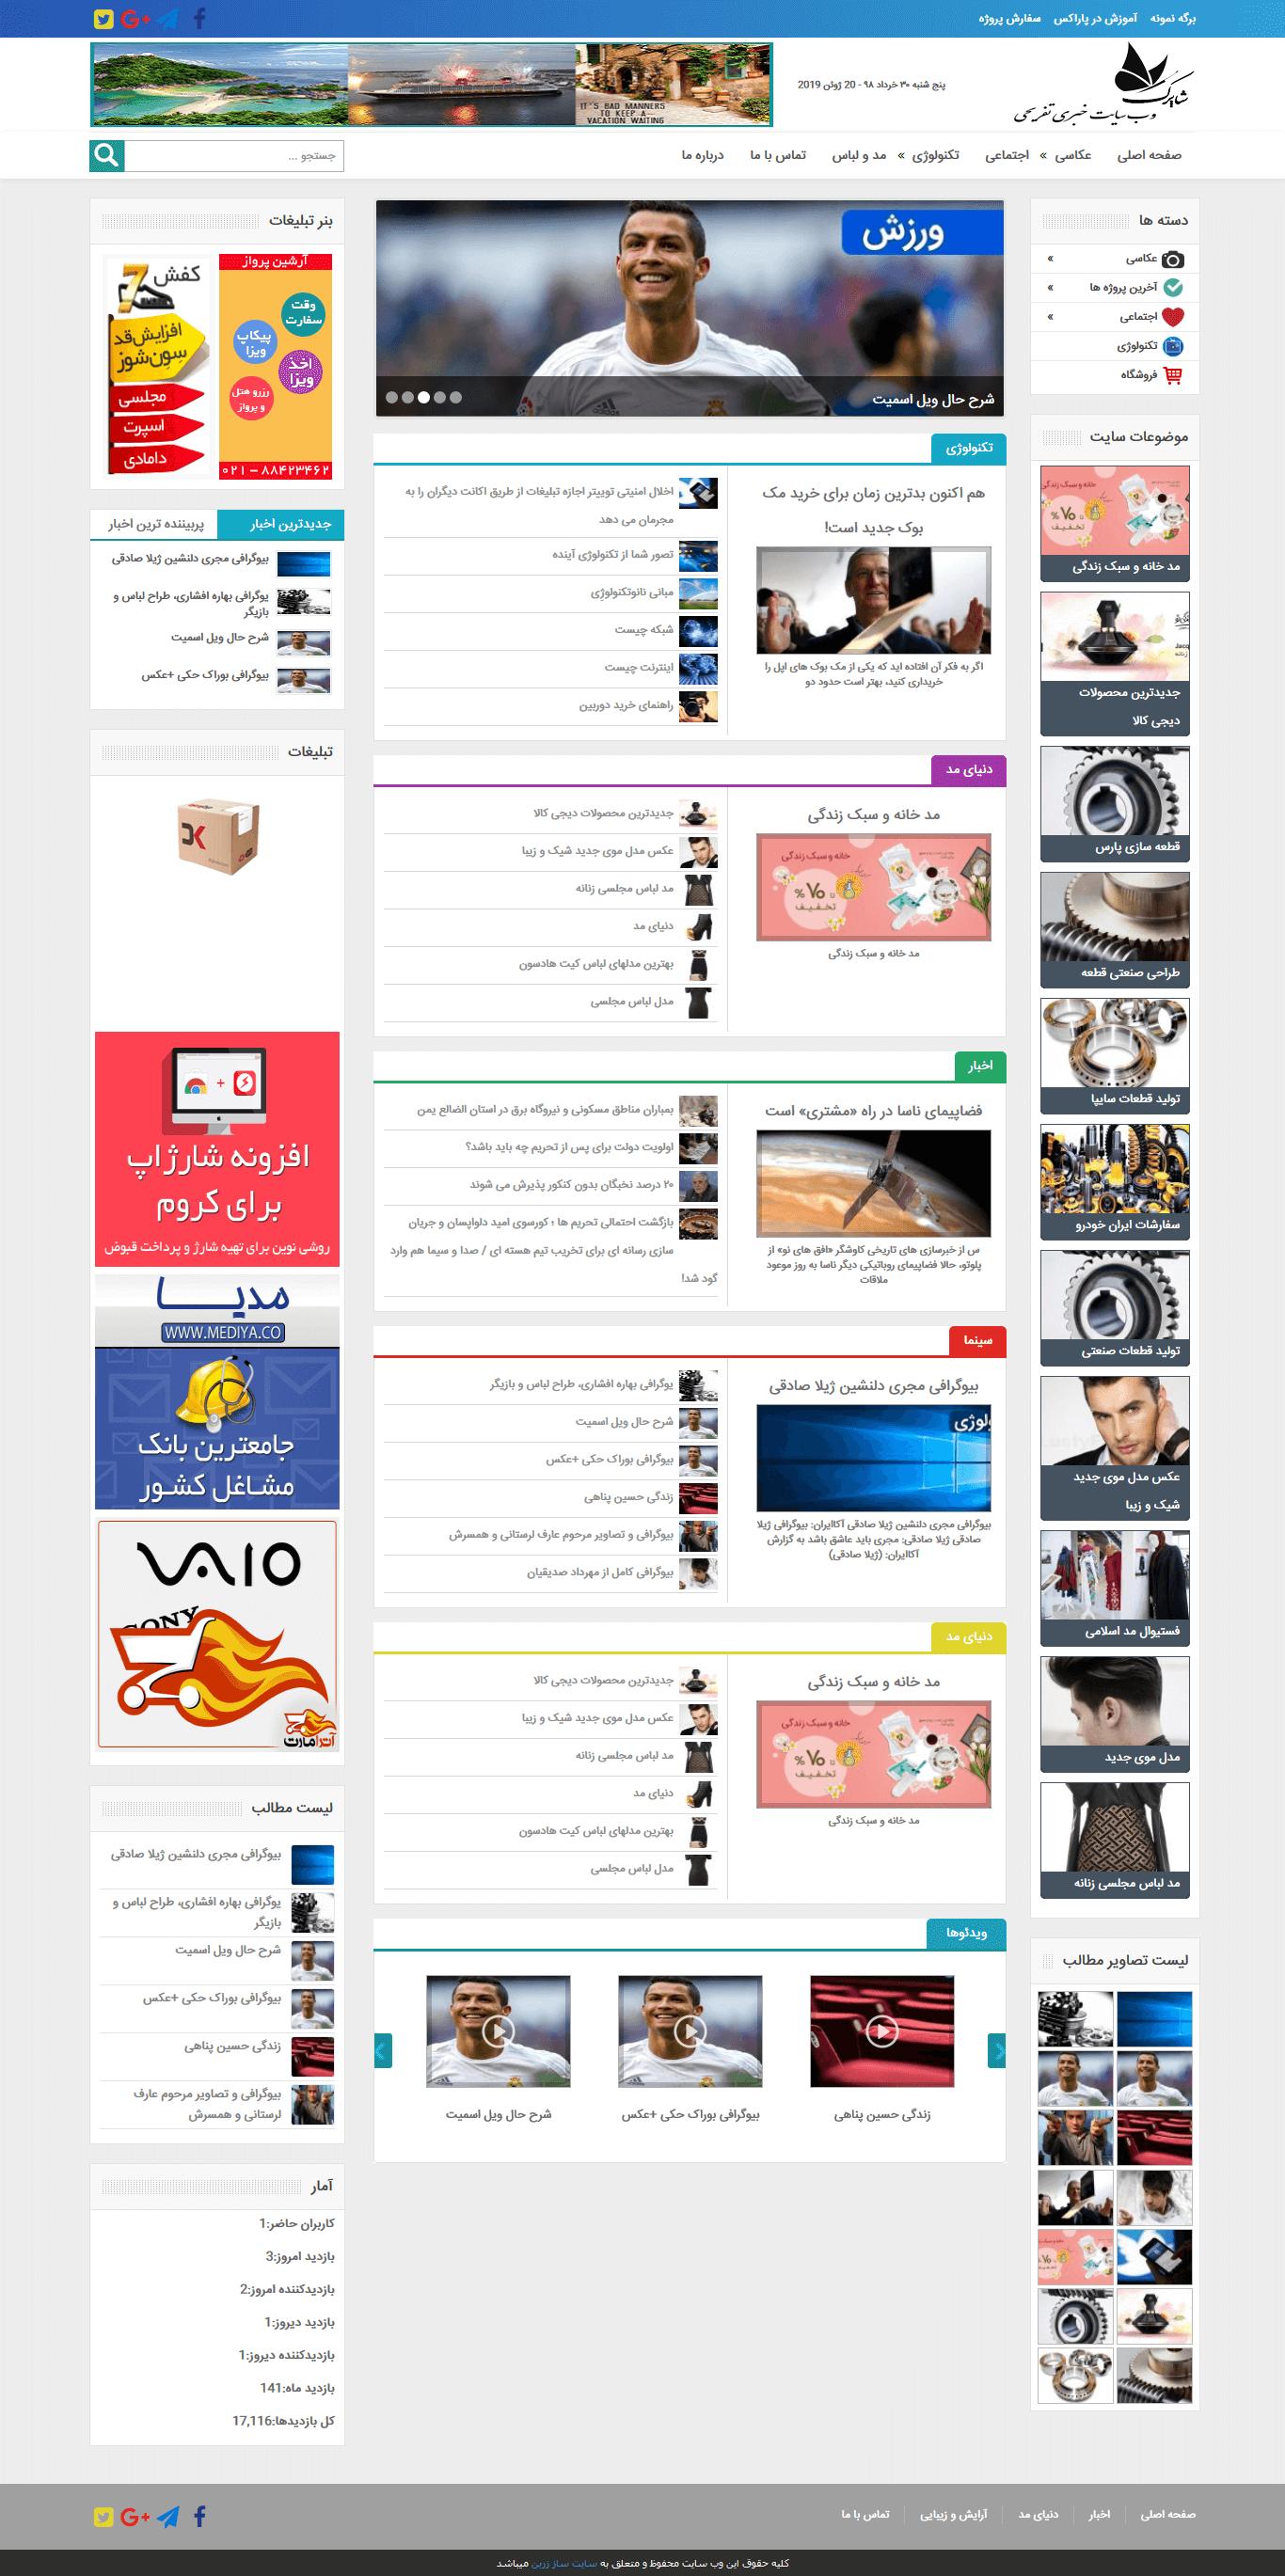 حالت دسکتاپ سایت خبری شاپرک